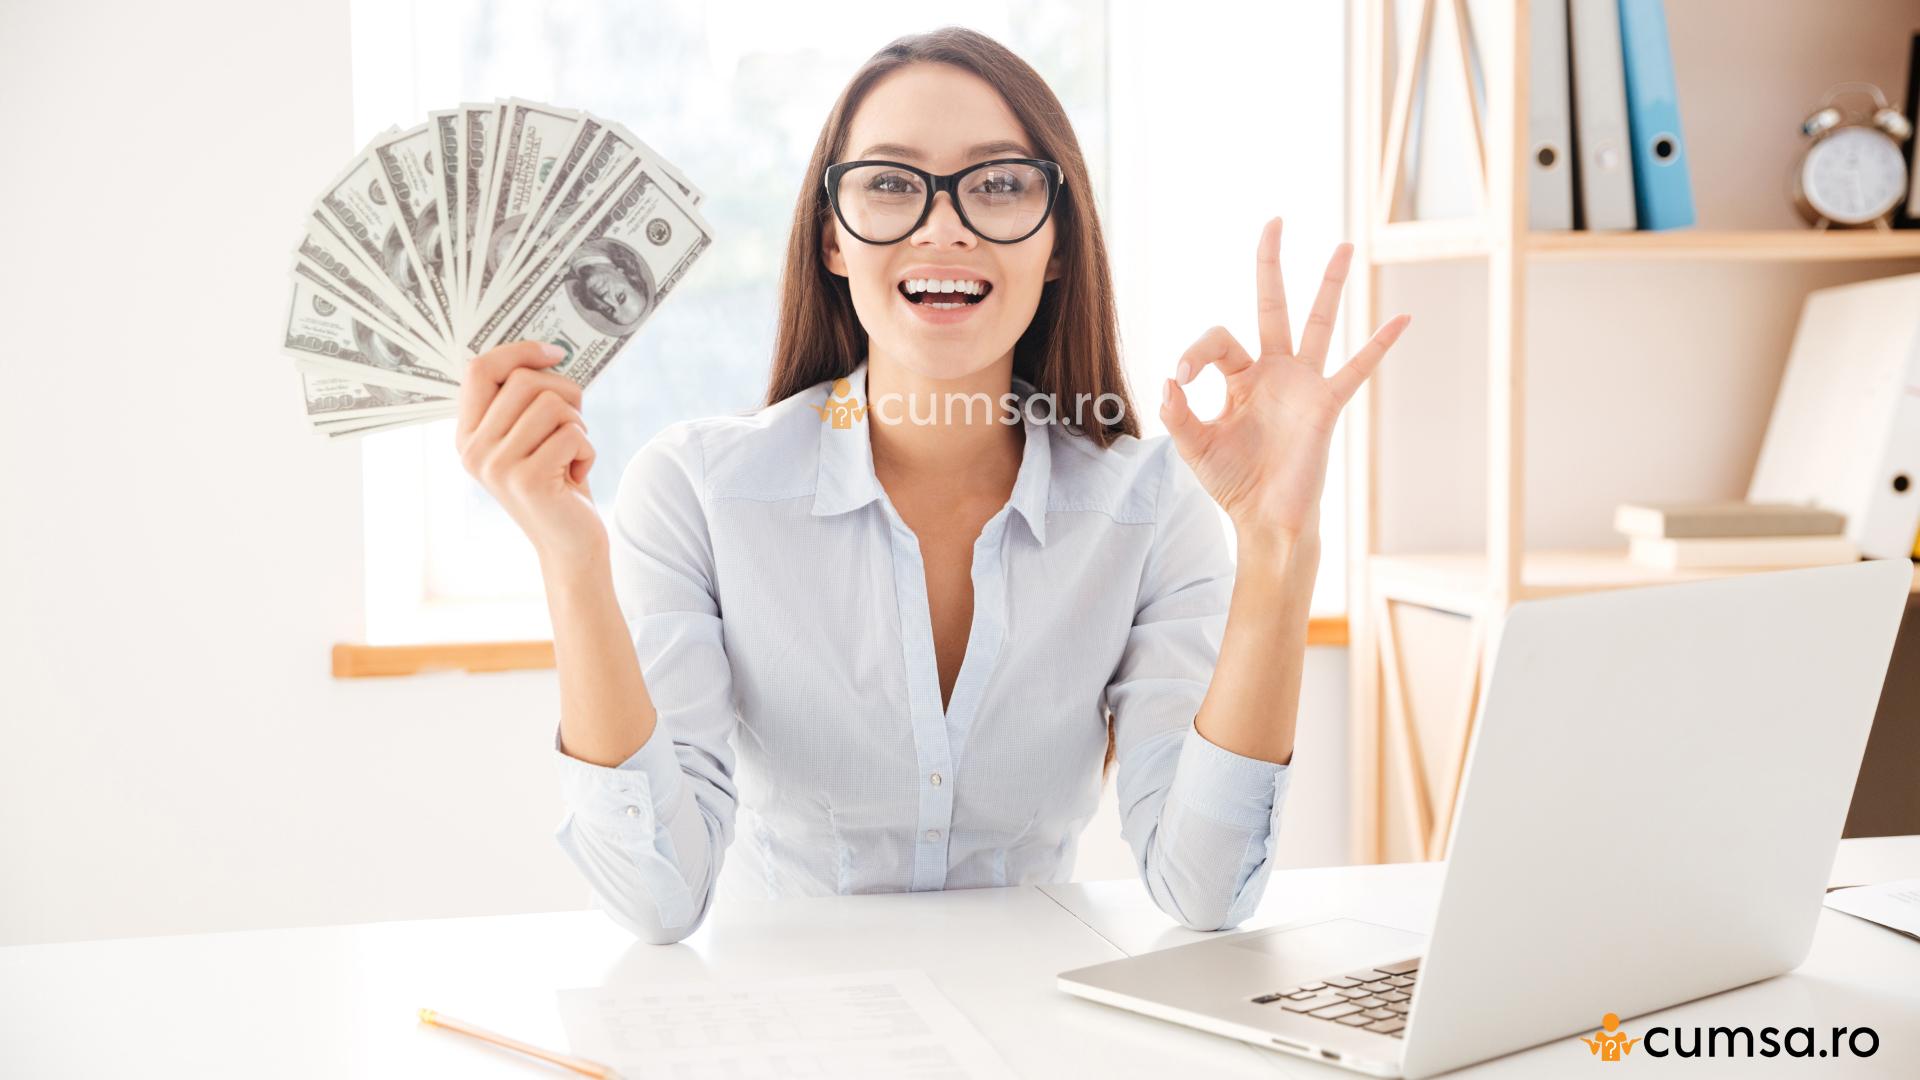 cum să te faci să lucrezi și să câștigi bani